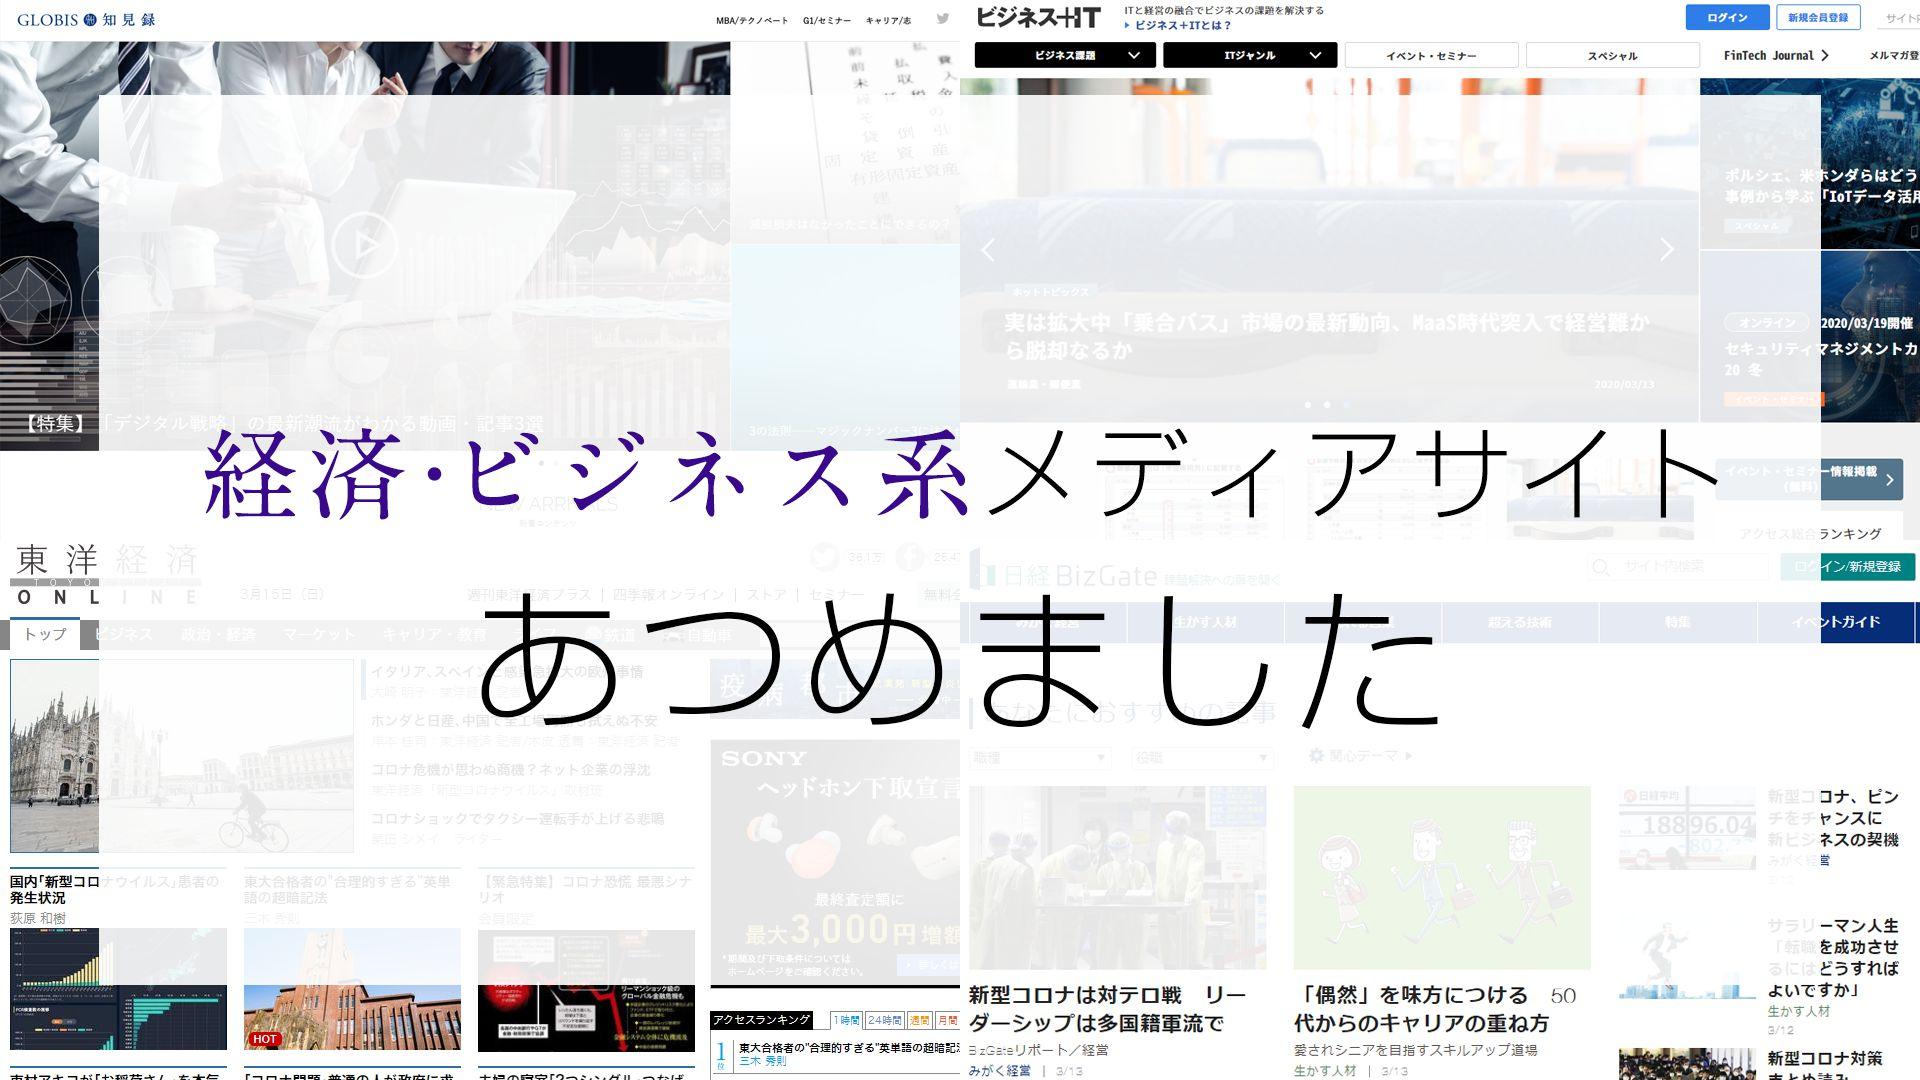 経済・ビジネス系のメディアサイト【リンク集|25選】